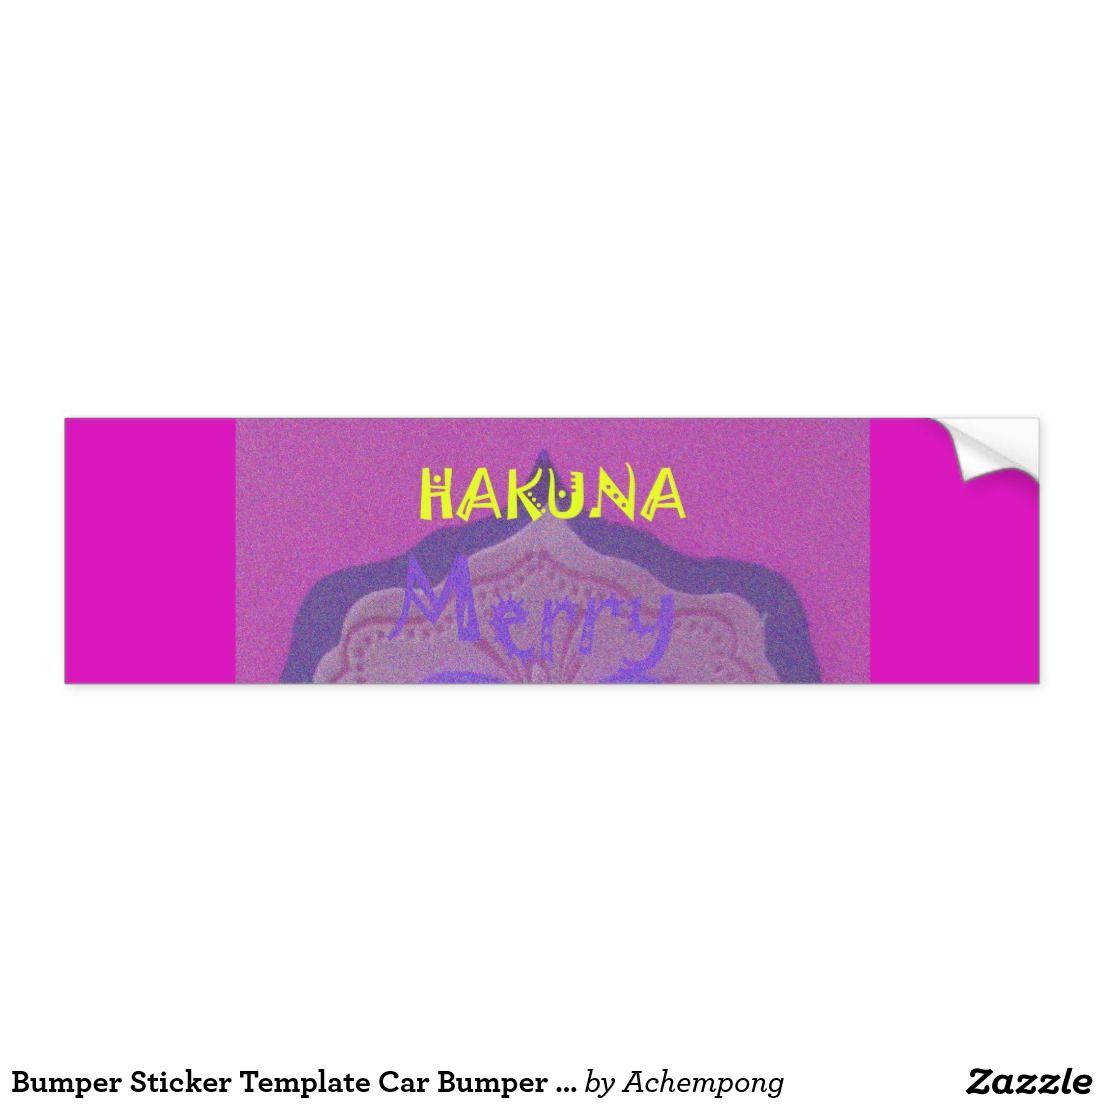 Bumper sticker design ideas - Bumper Sticker Template Car Bumper Sticker Latest Hakuna Matata Beautiful Fantastic Feminine Cute Nice